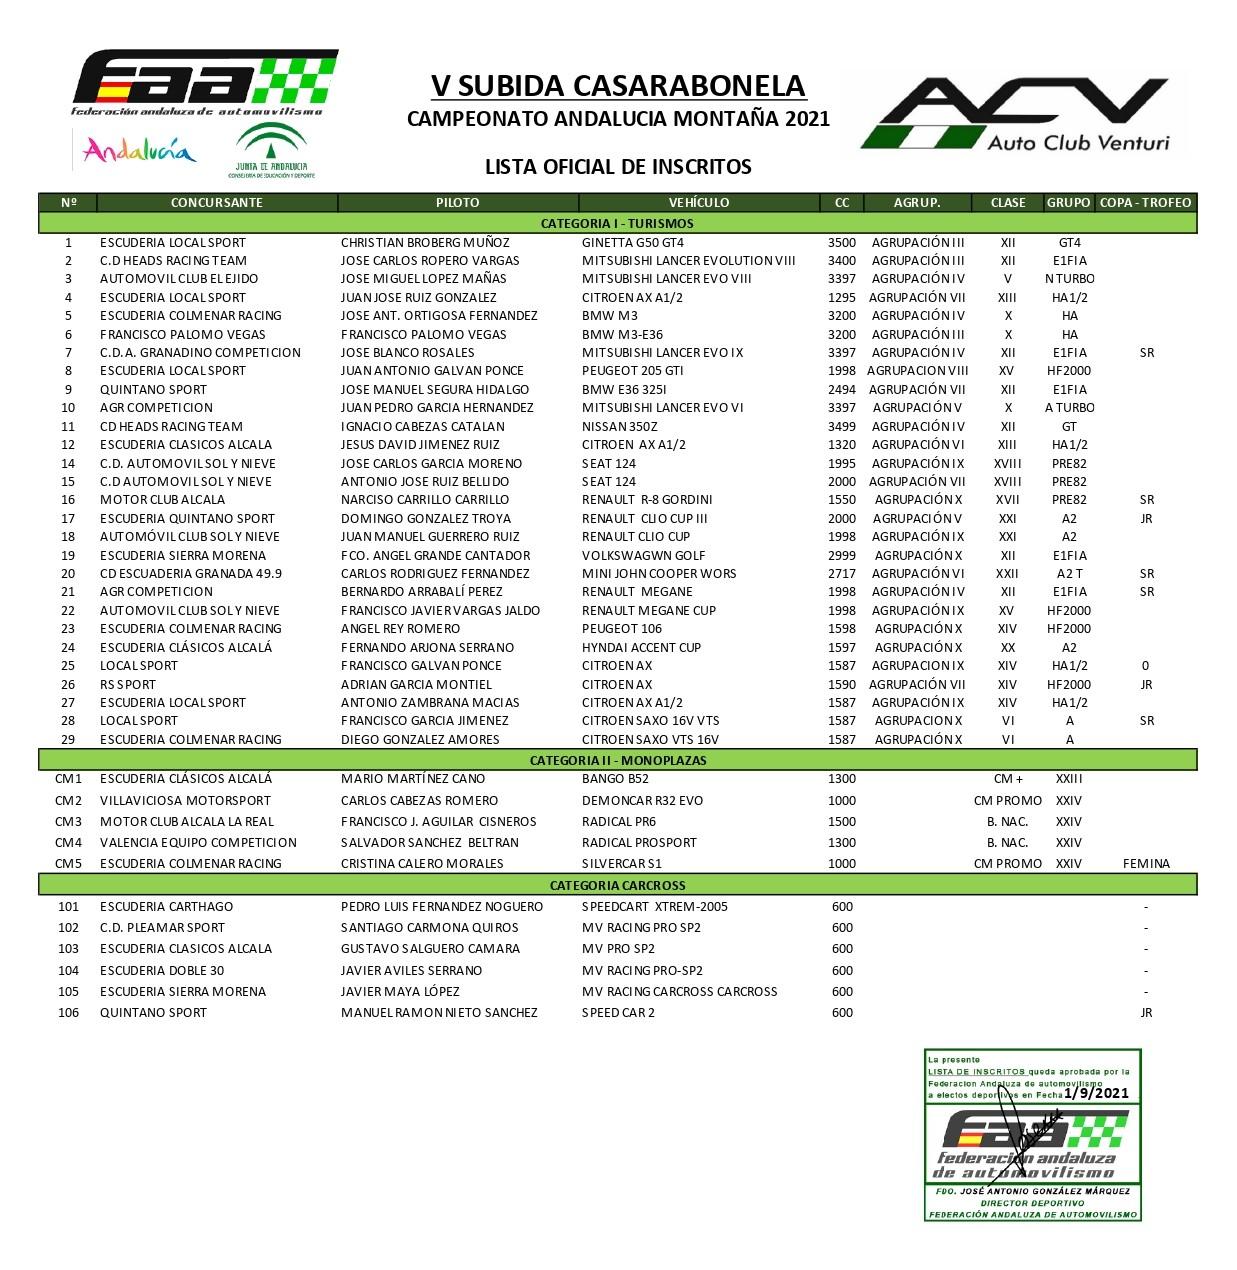 V Subida Casarabonela - Lista oficial de inscritos